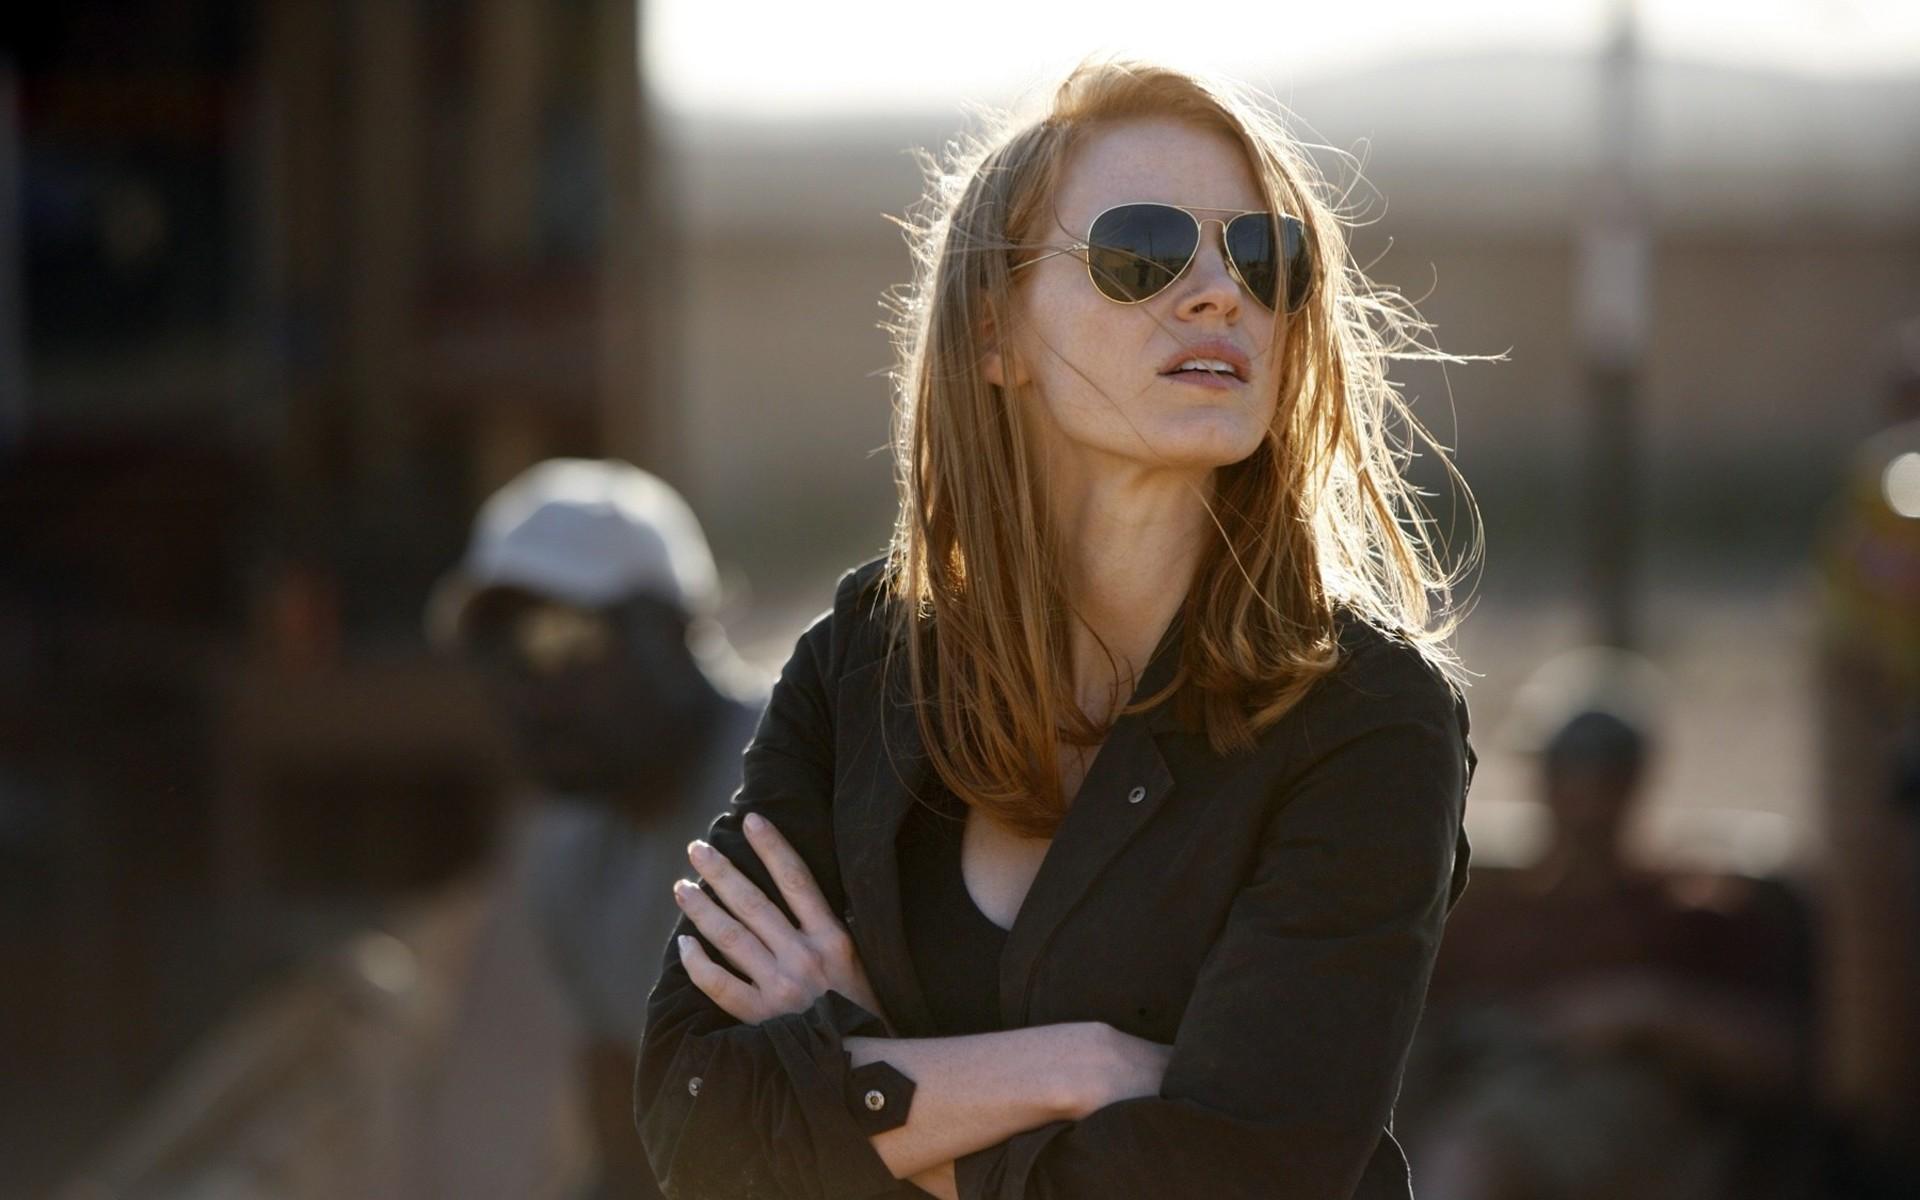 Jessica-Chastain_actress_Zero-Dark-Thirty_04